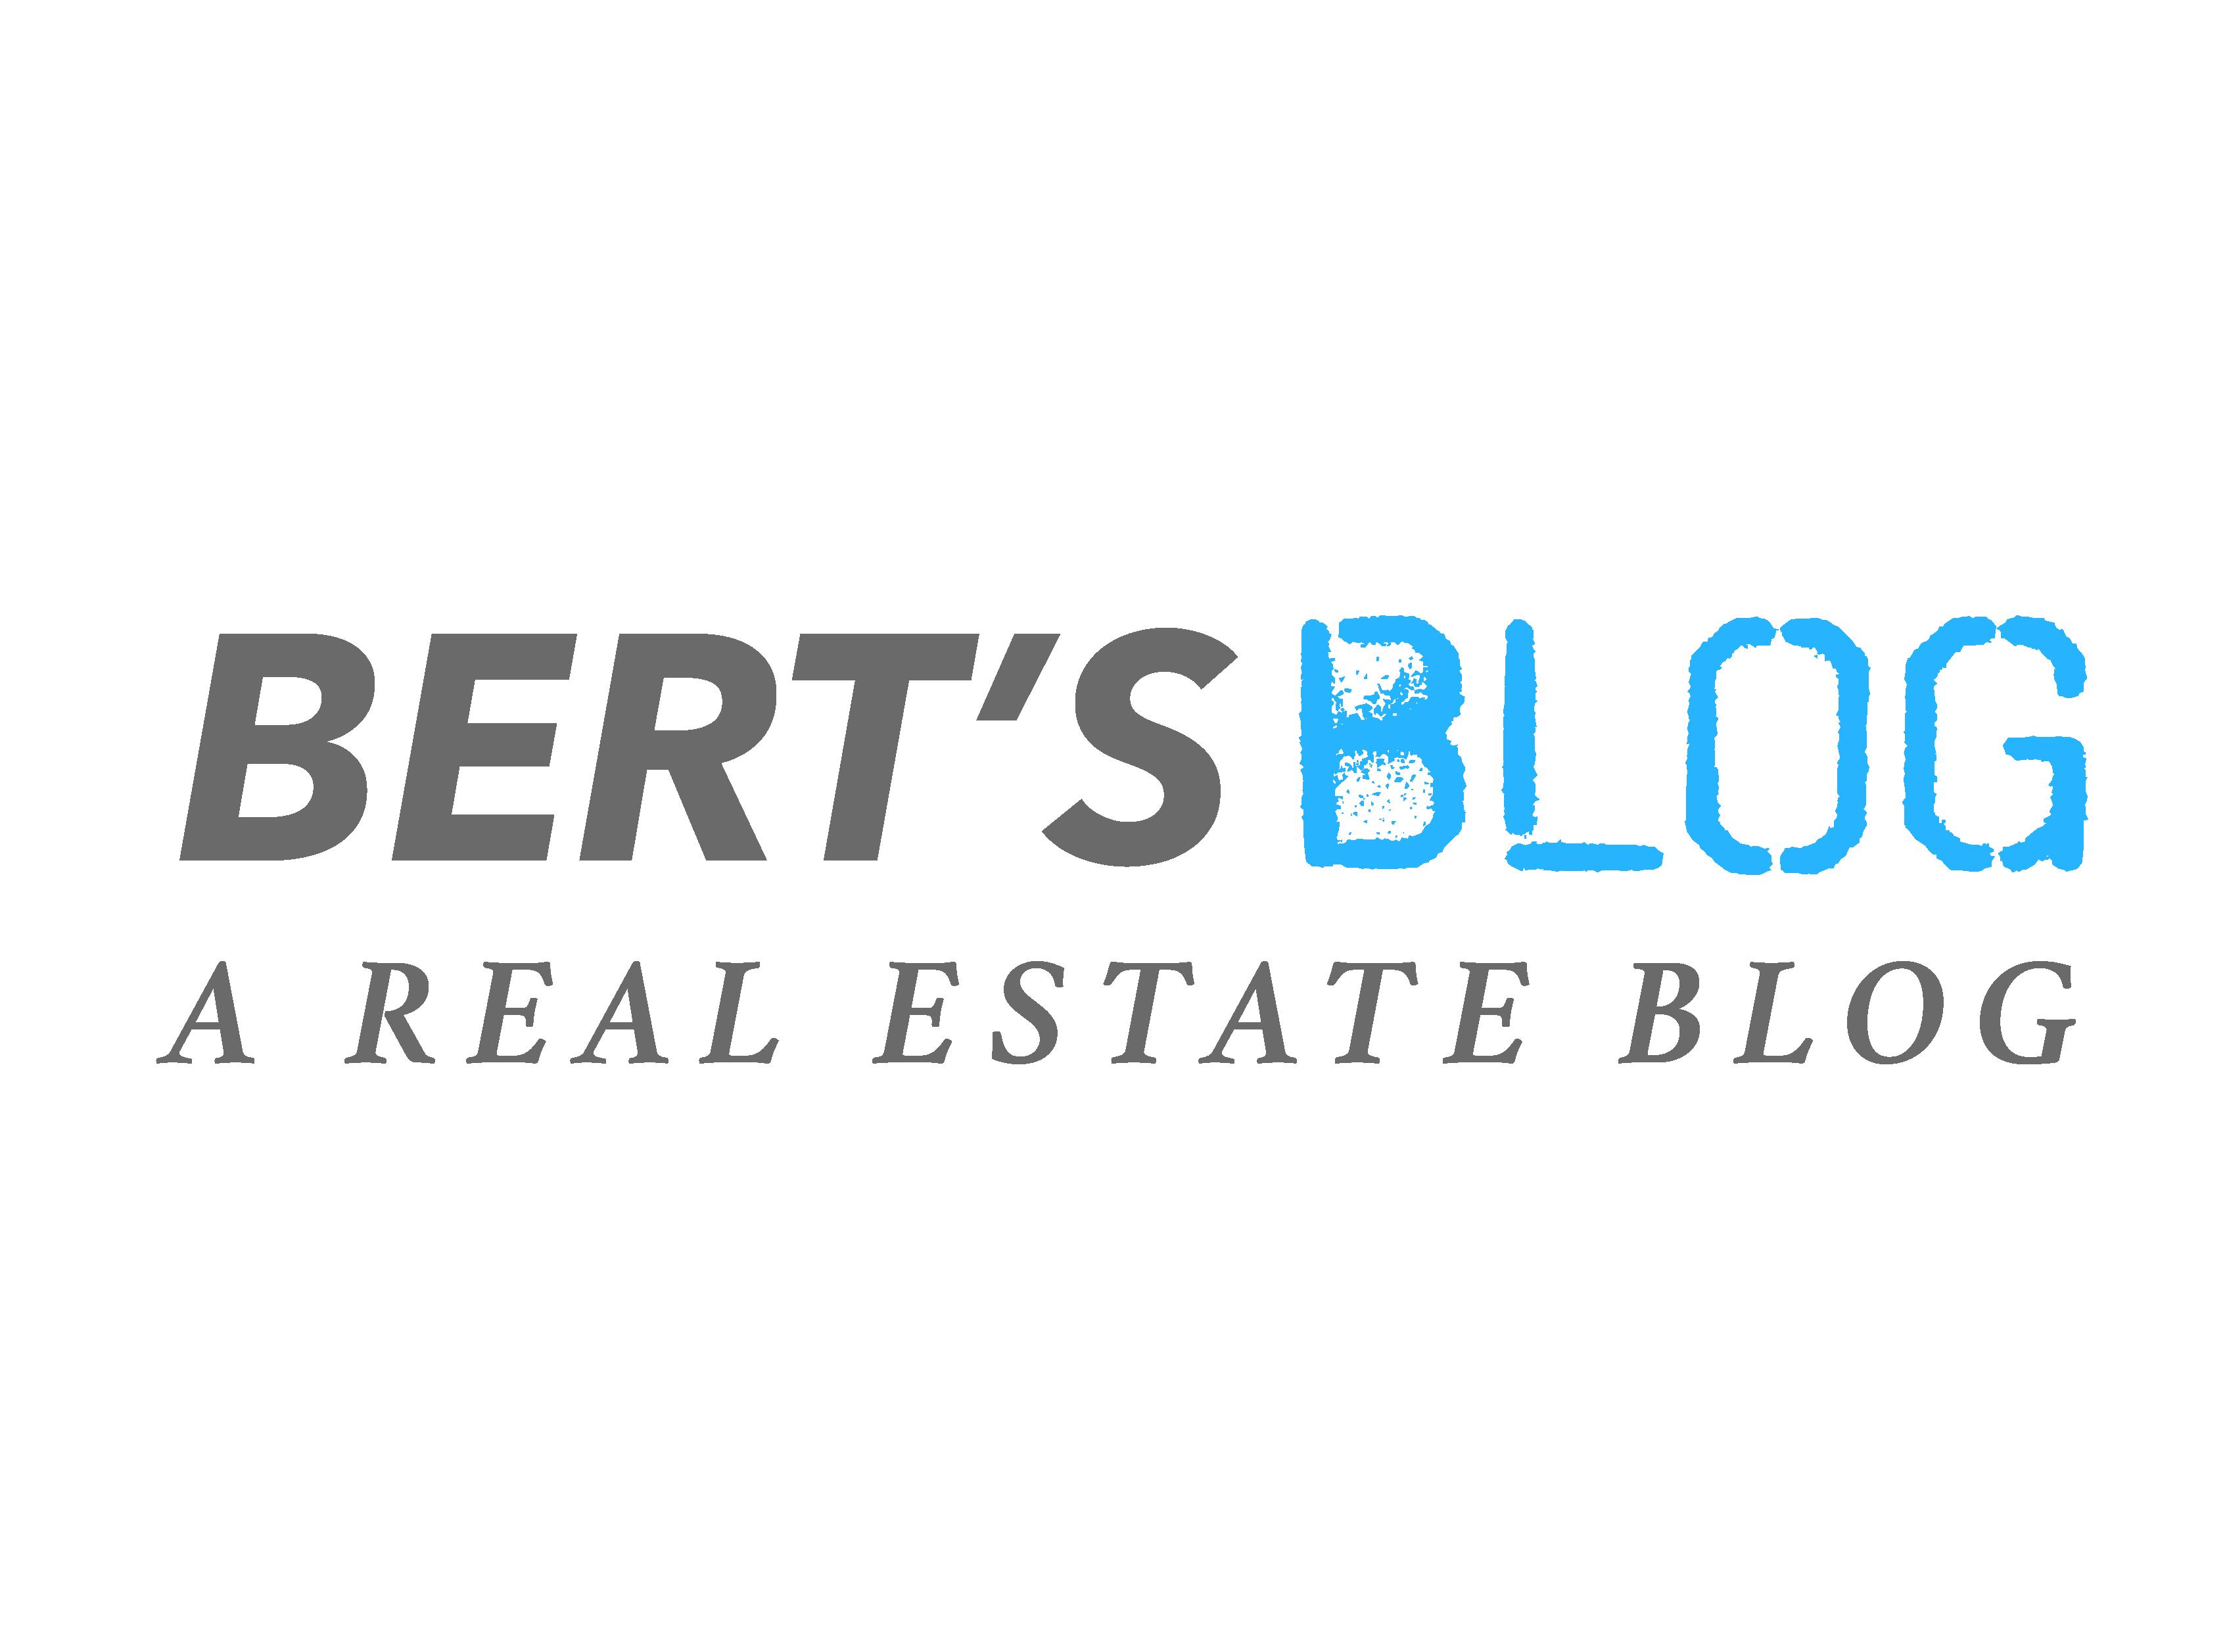 www.bertrodgers.com/blog